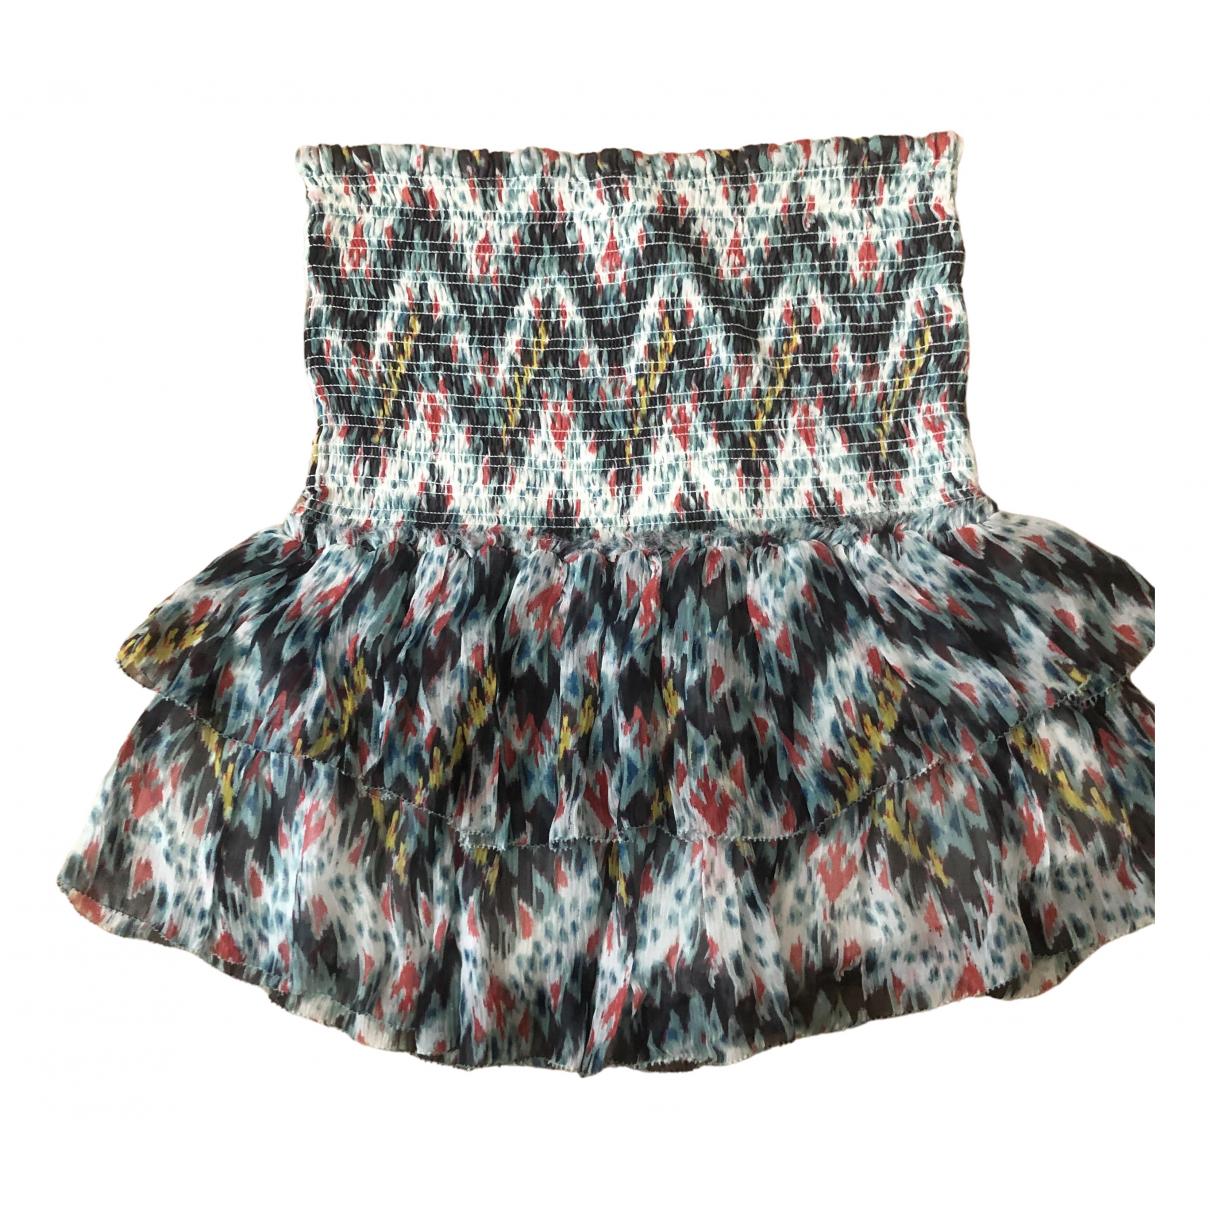 Isabel Marant Etoile \N Multicolour Silk skirt for Women 36 FR